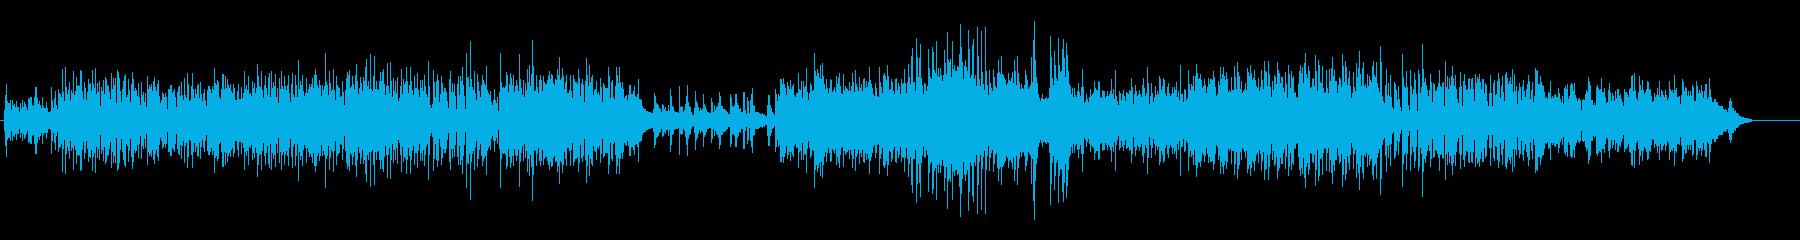 清潔感あふれるアコースティック音楽の再生済みの波形